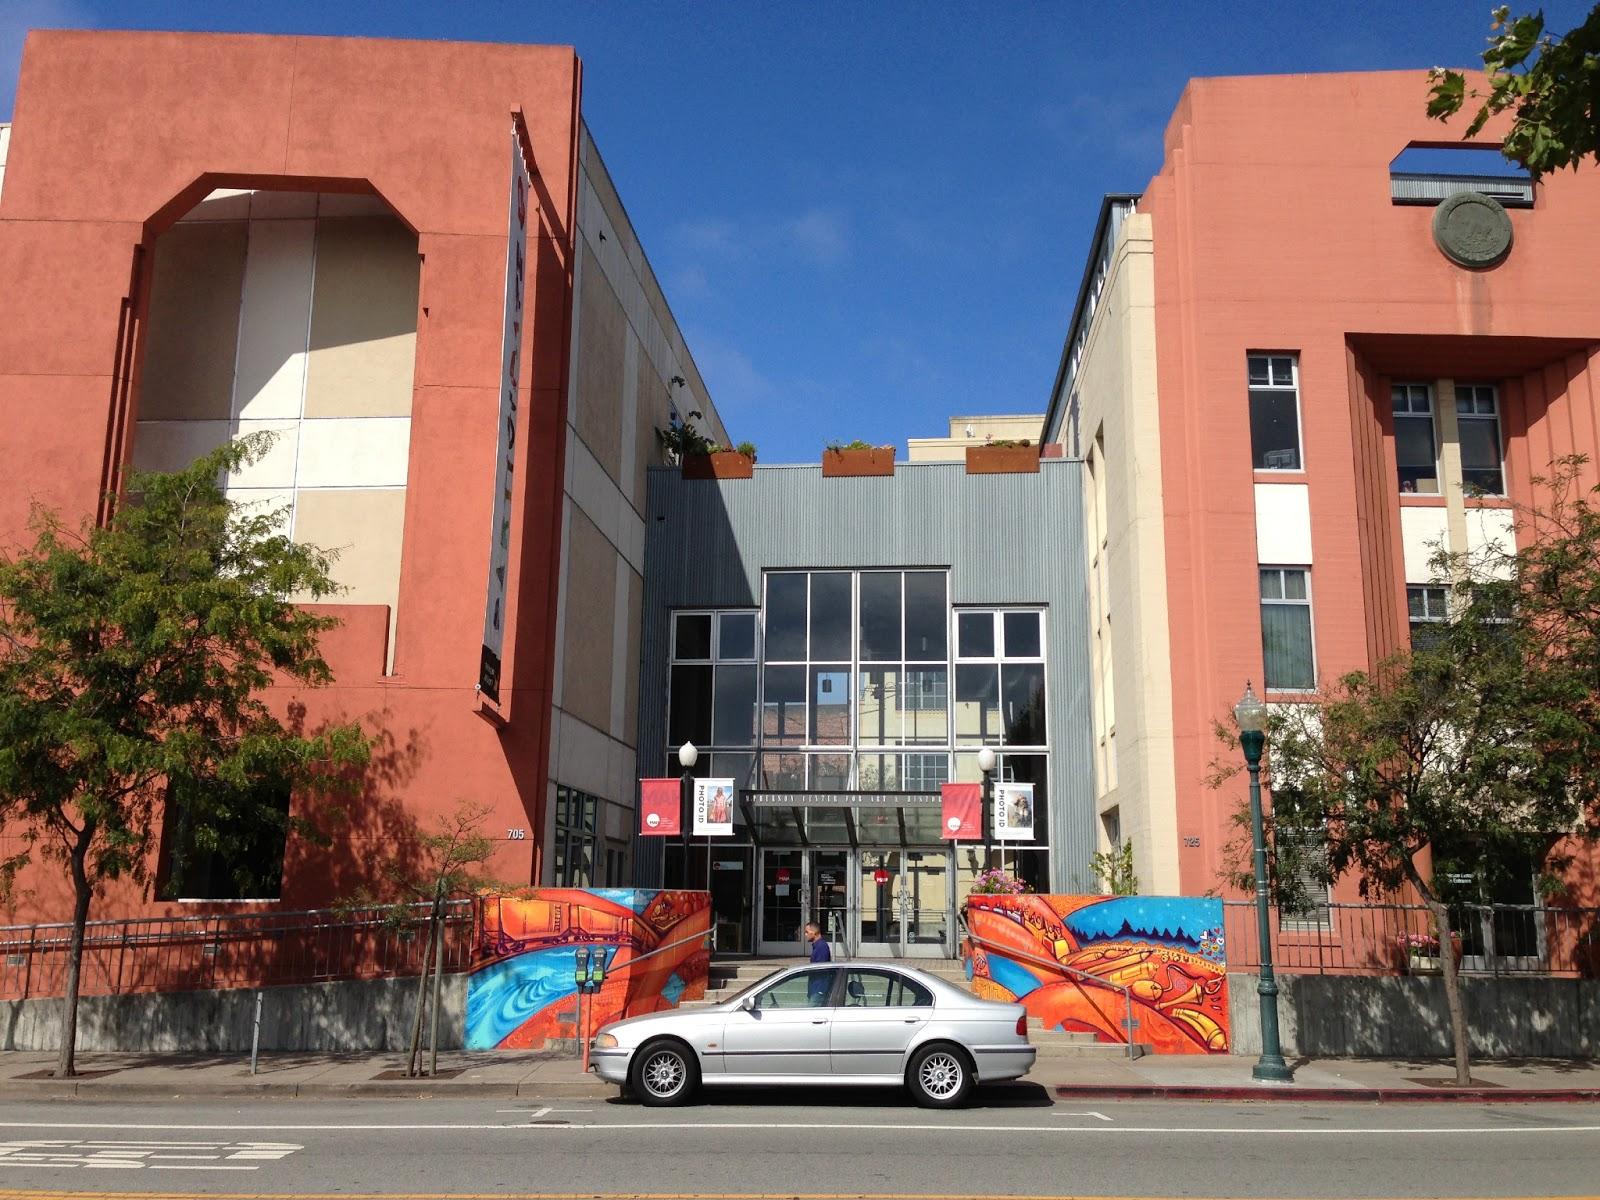 The Santa Cruz Museum of Art and History.Source -  www.santacruzmah.org